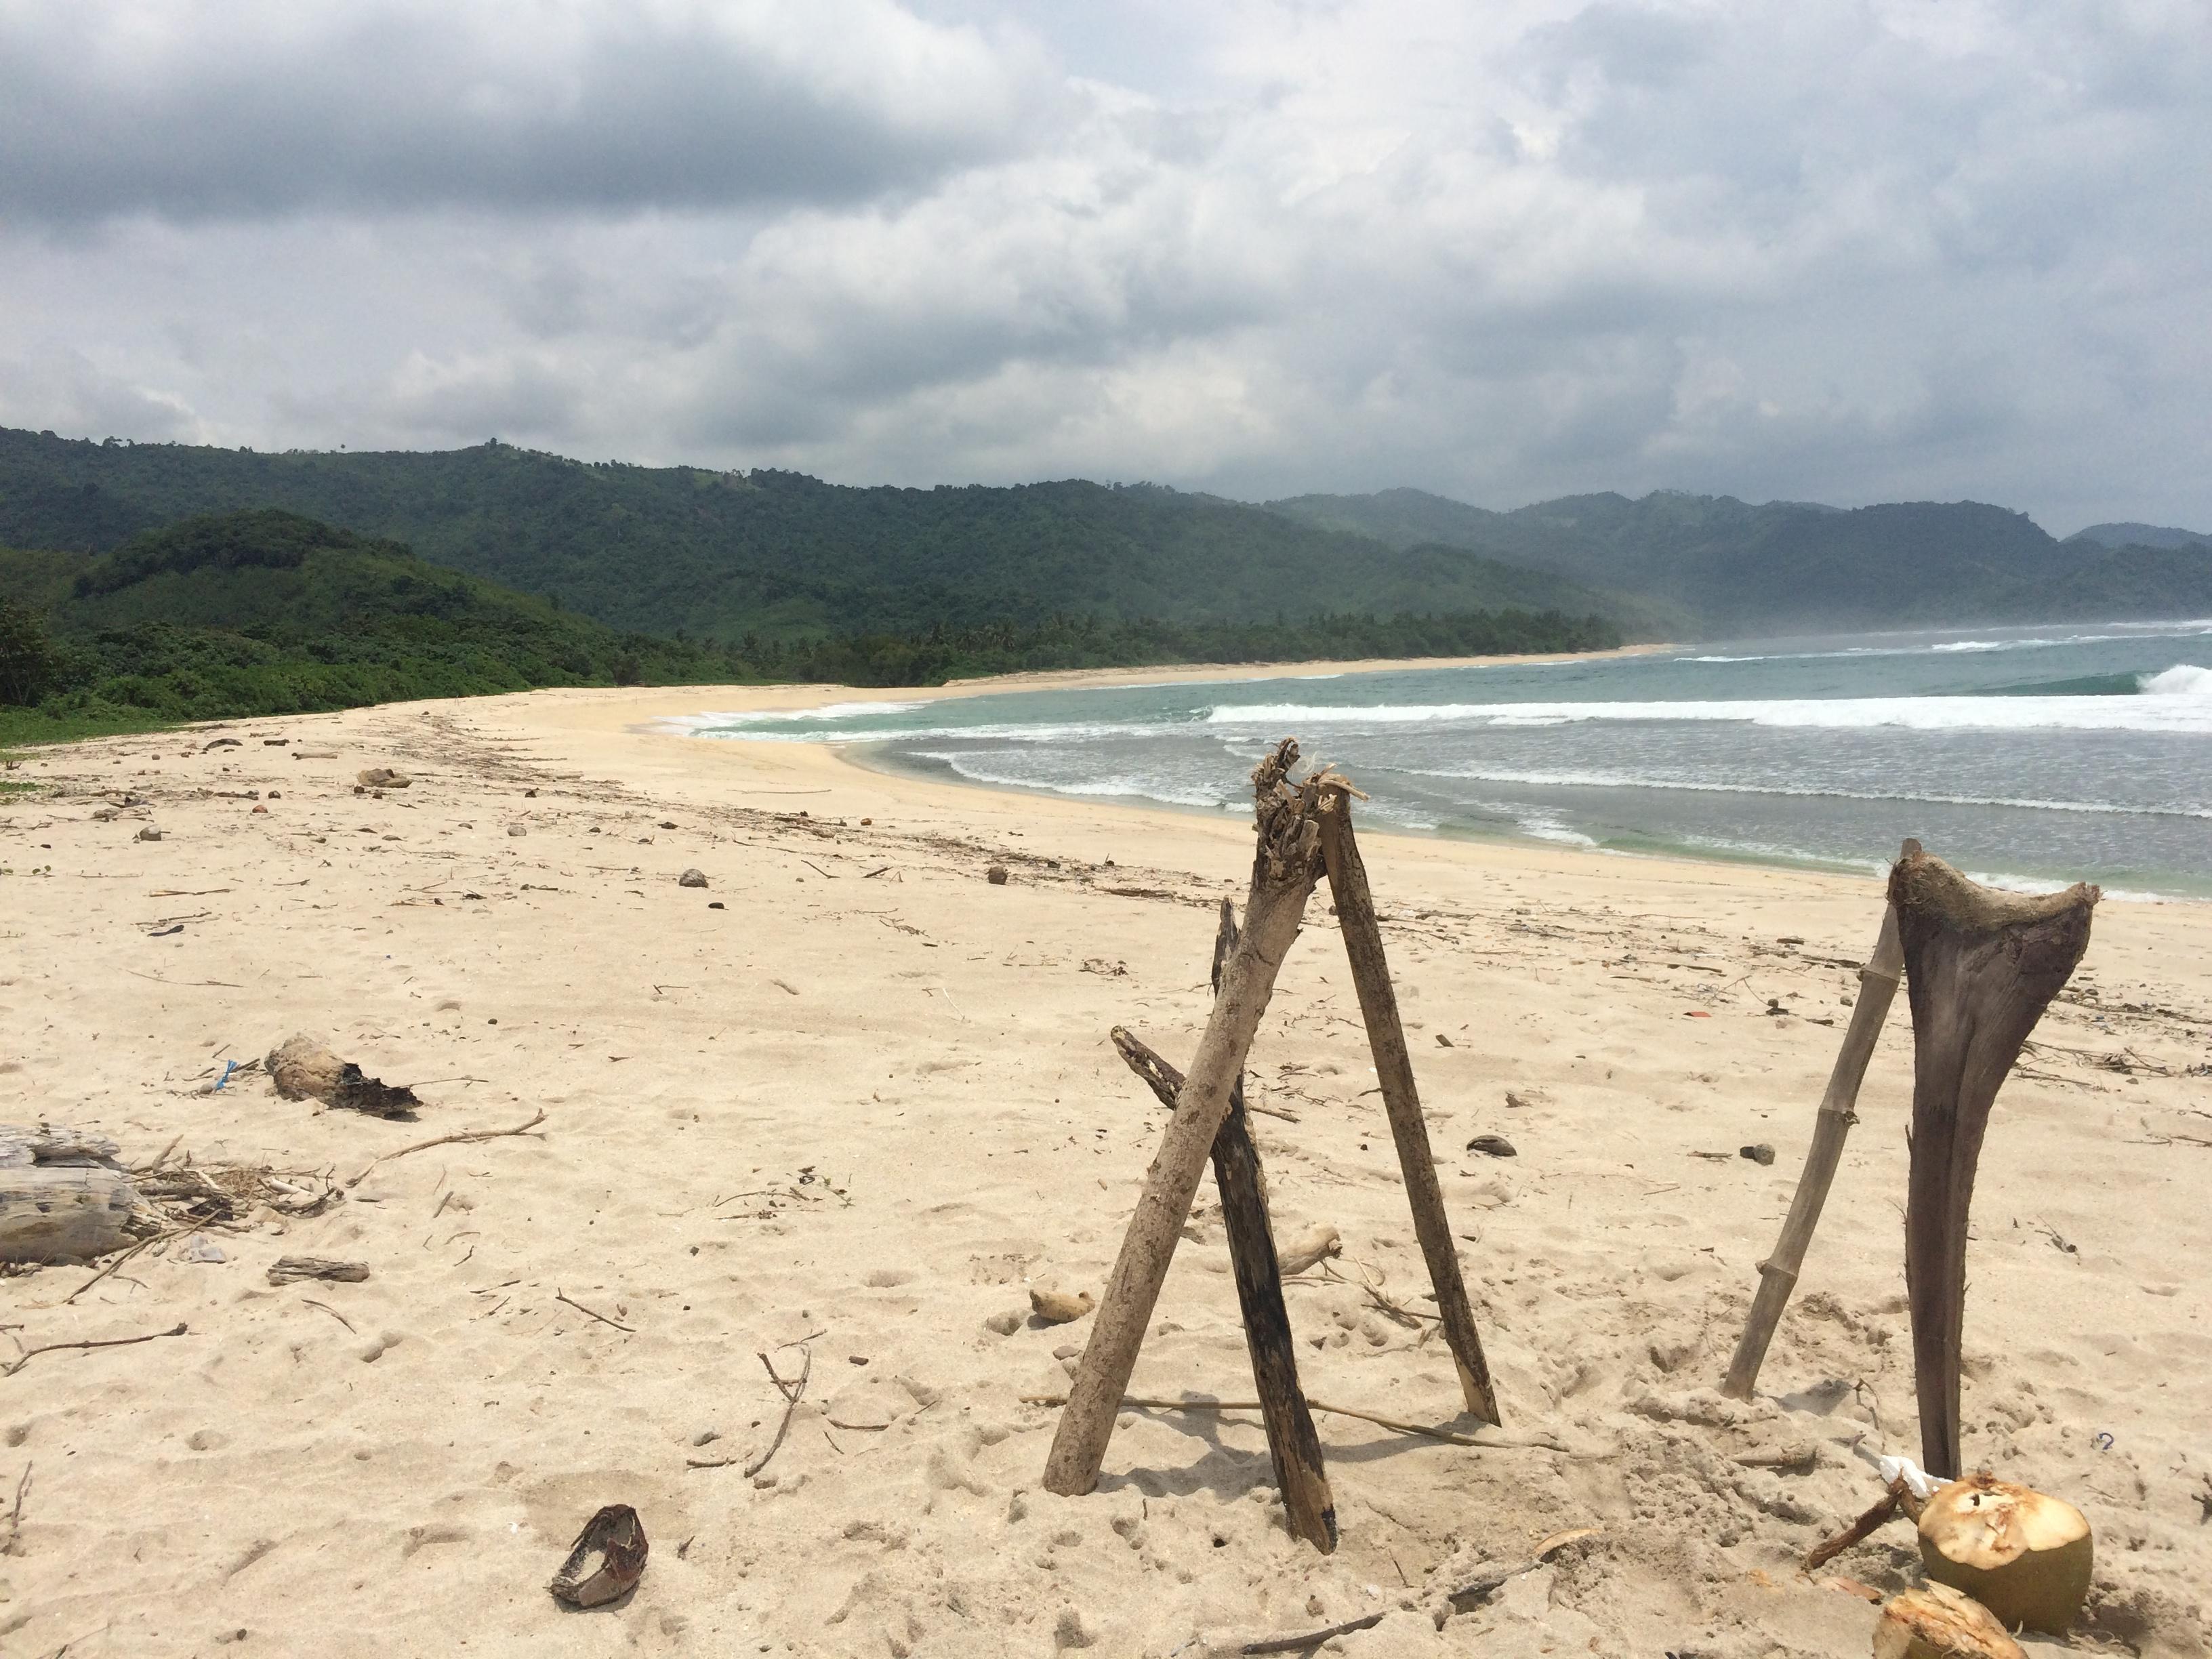 Plage de sable blanc Mekaki, Lombok, Indonésie.